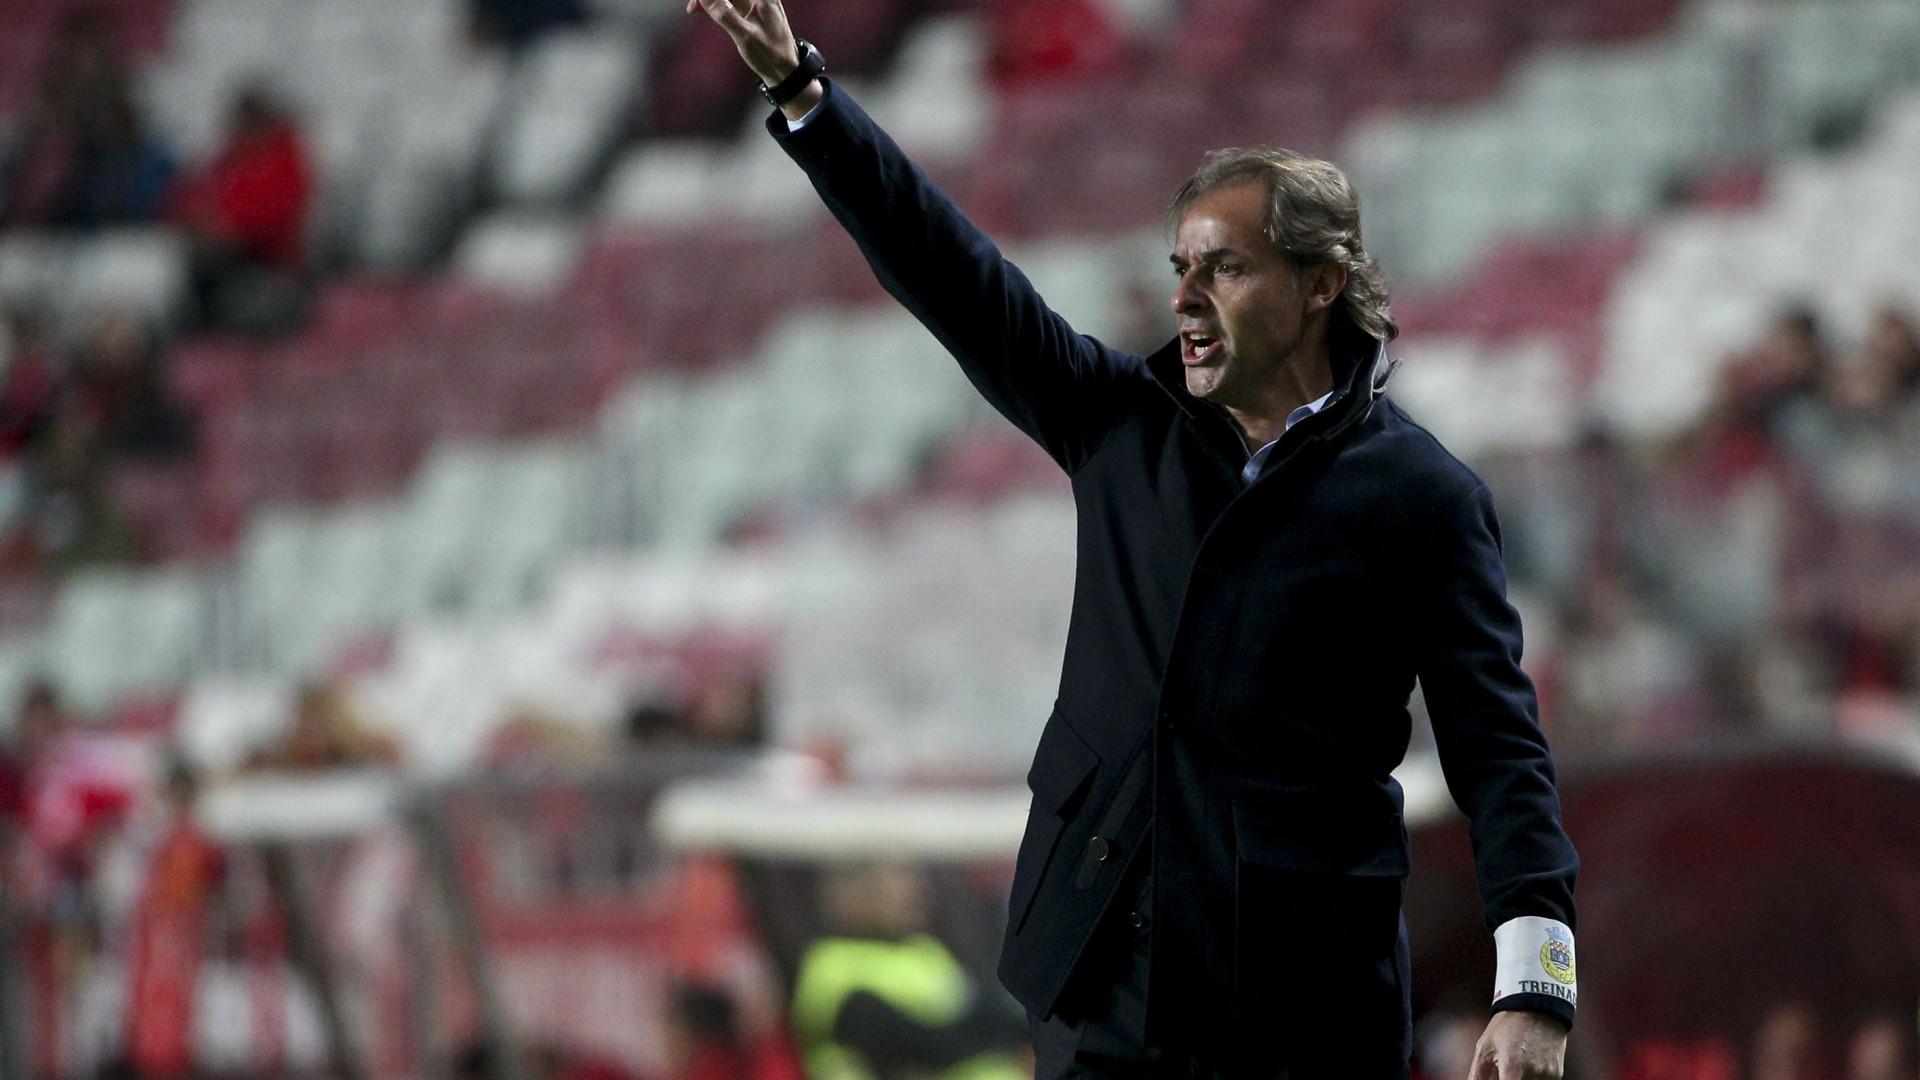 Arouca empata sem golos com Oliveirense e cai para último lugar